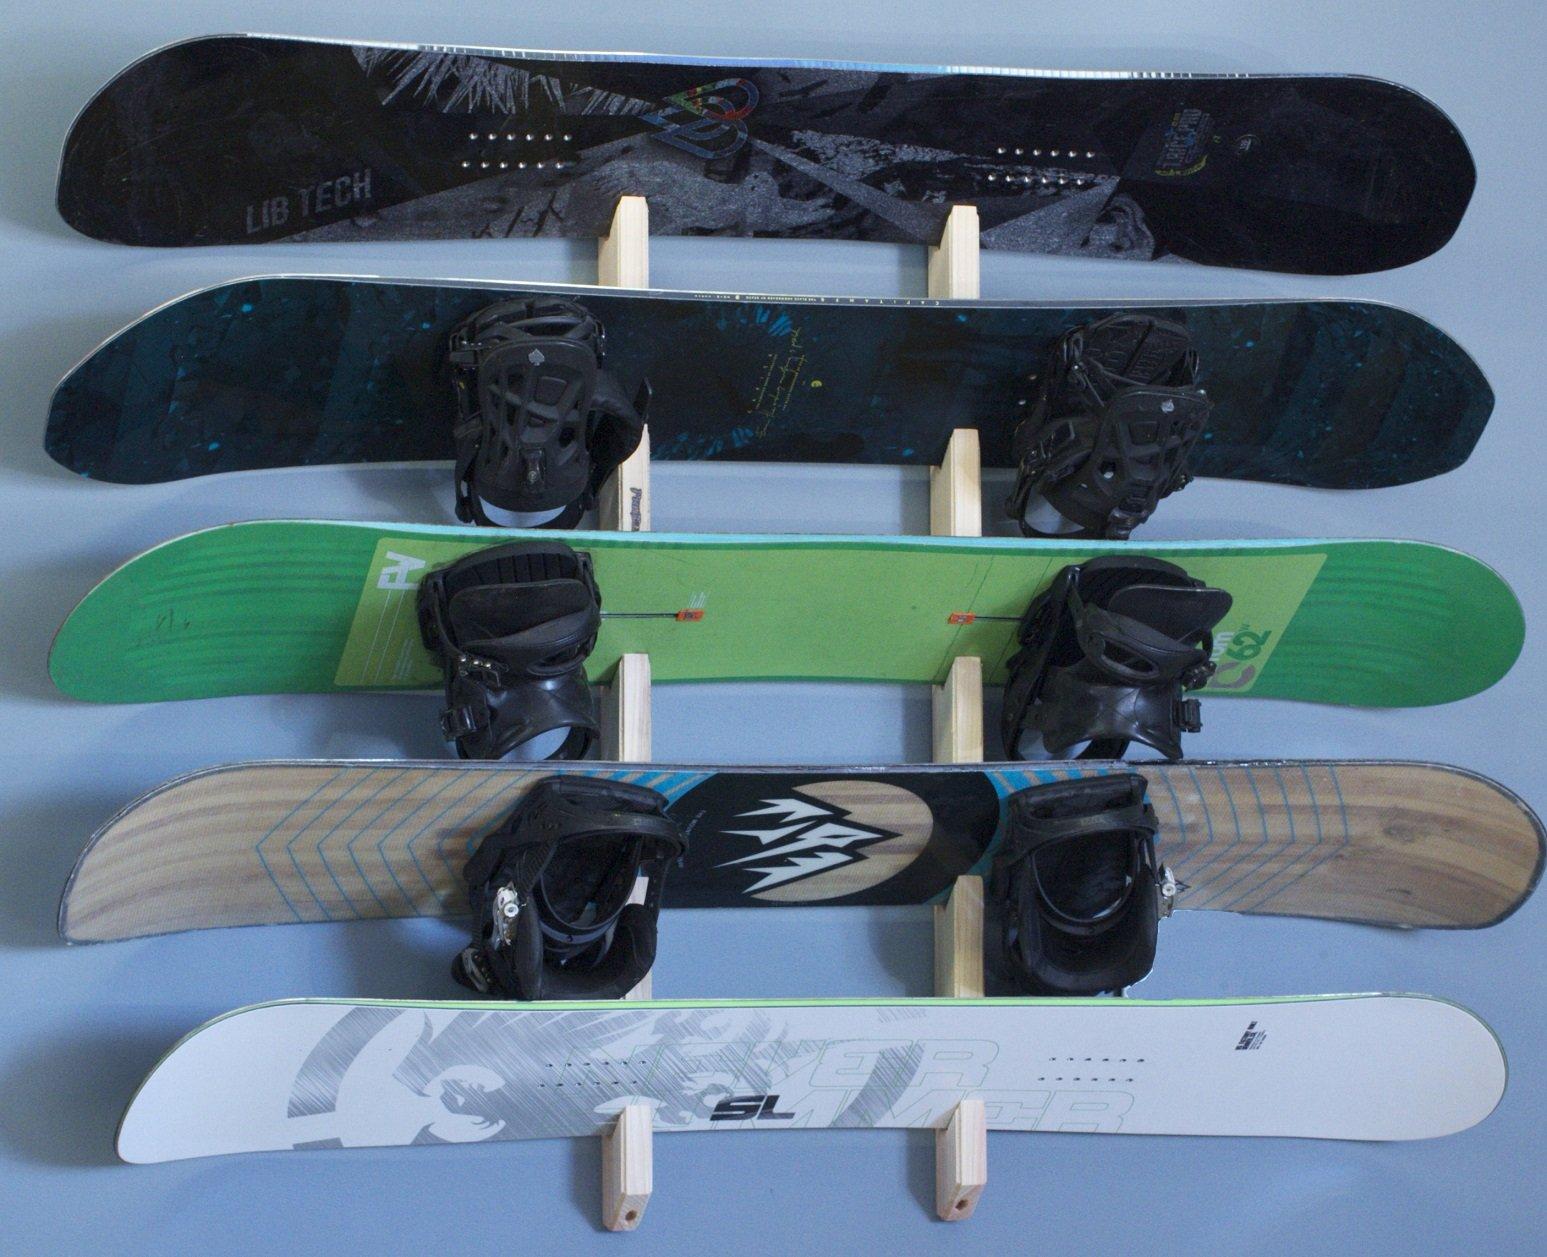 Snowboard Wall Rack Mount -- Holds 5 Boards by Pro Board Racks